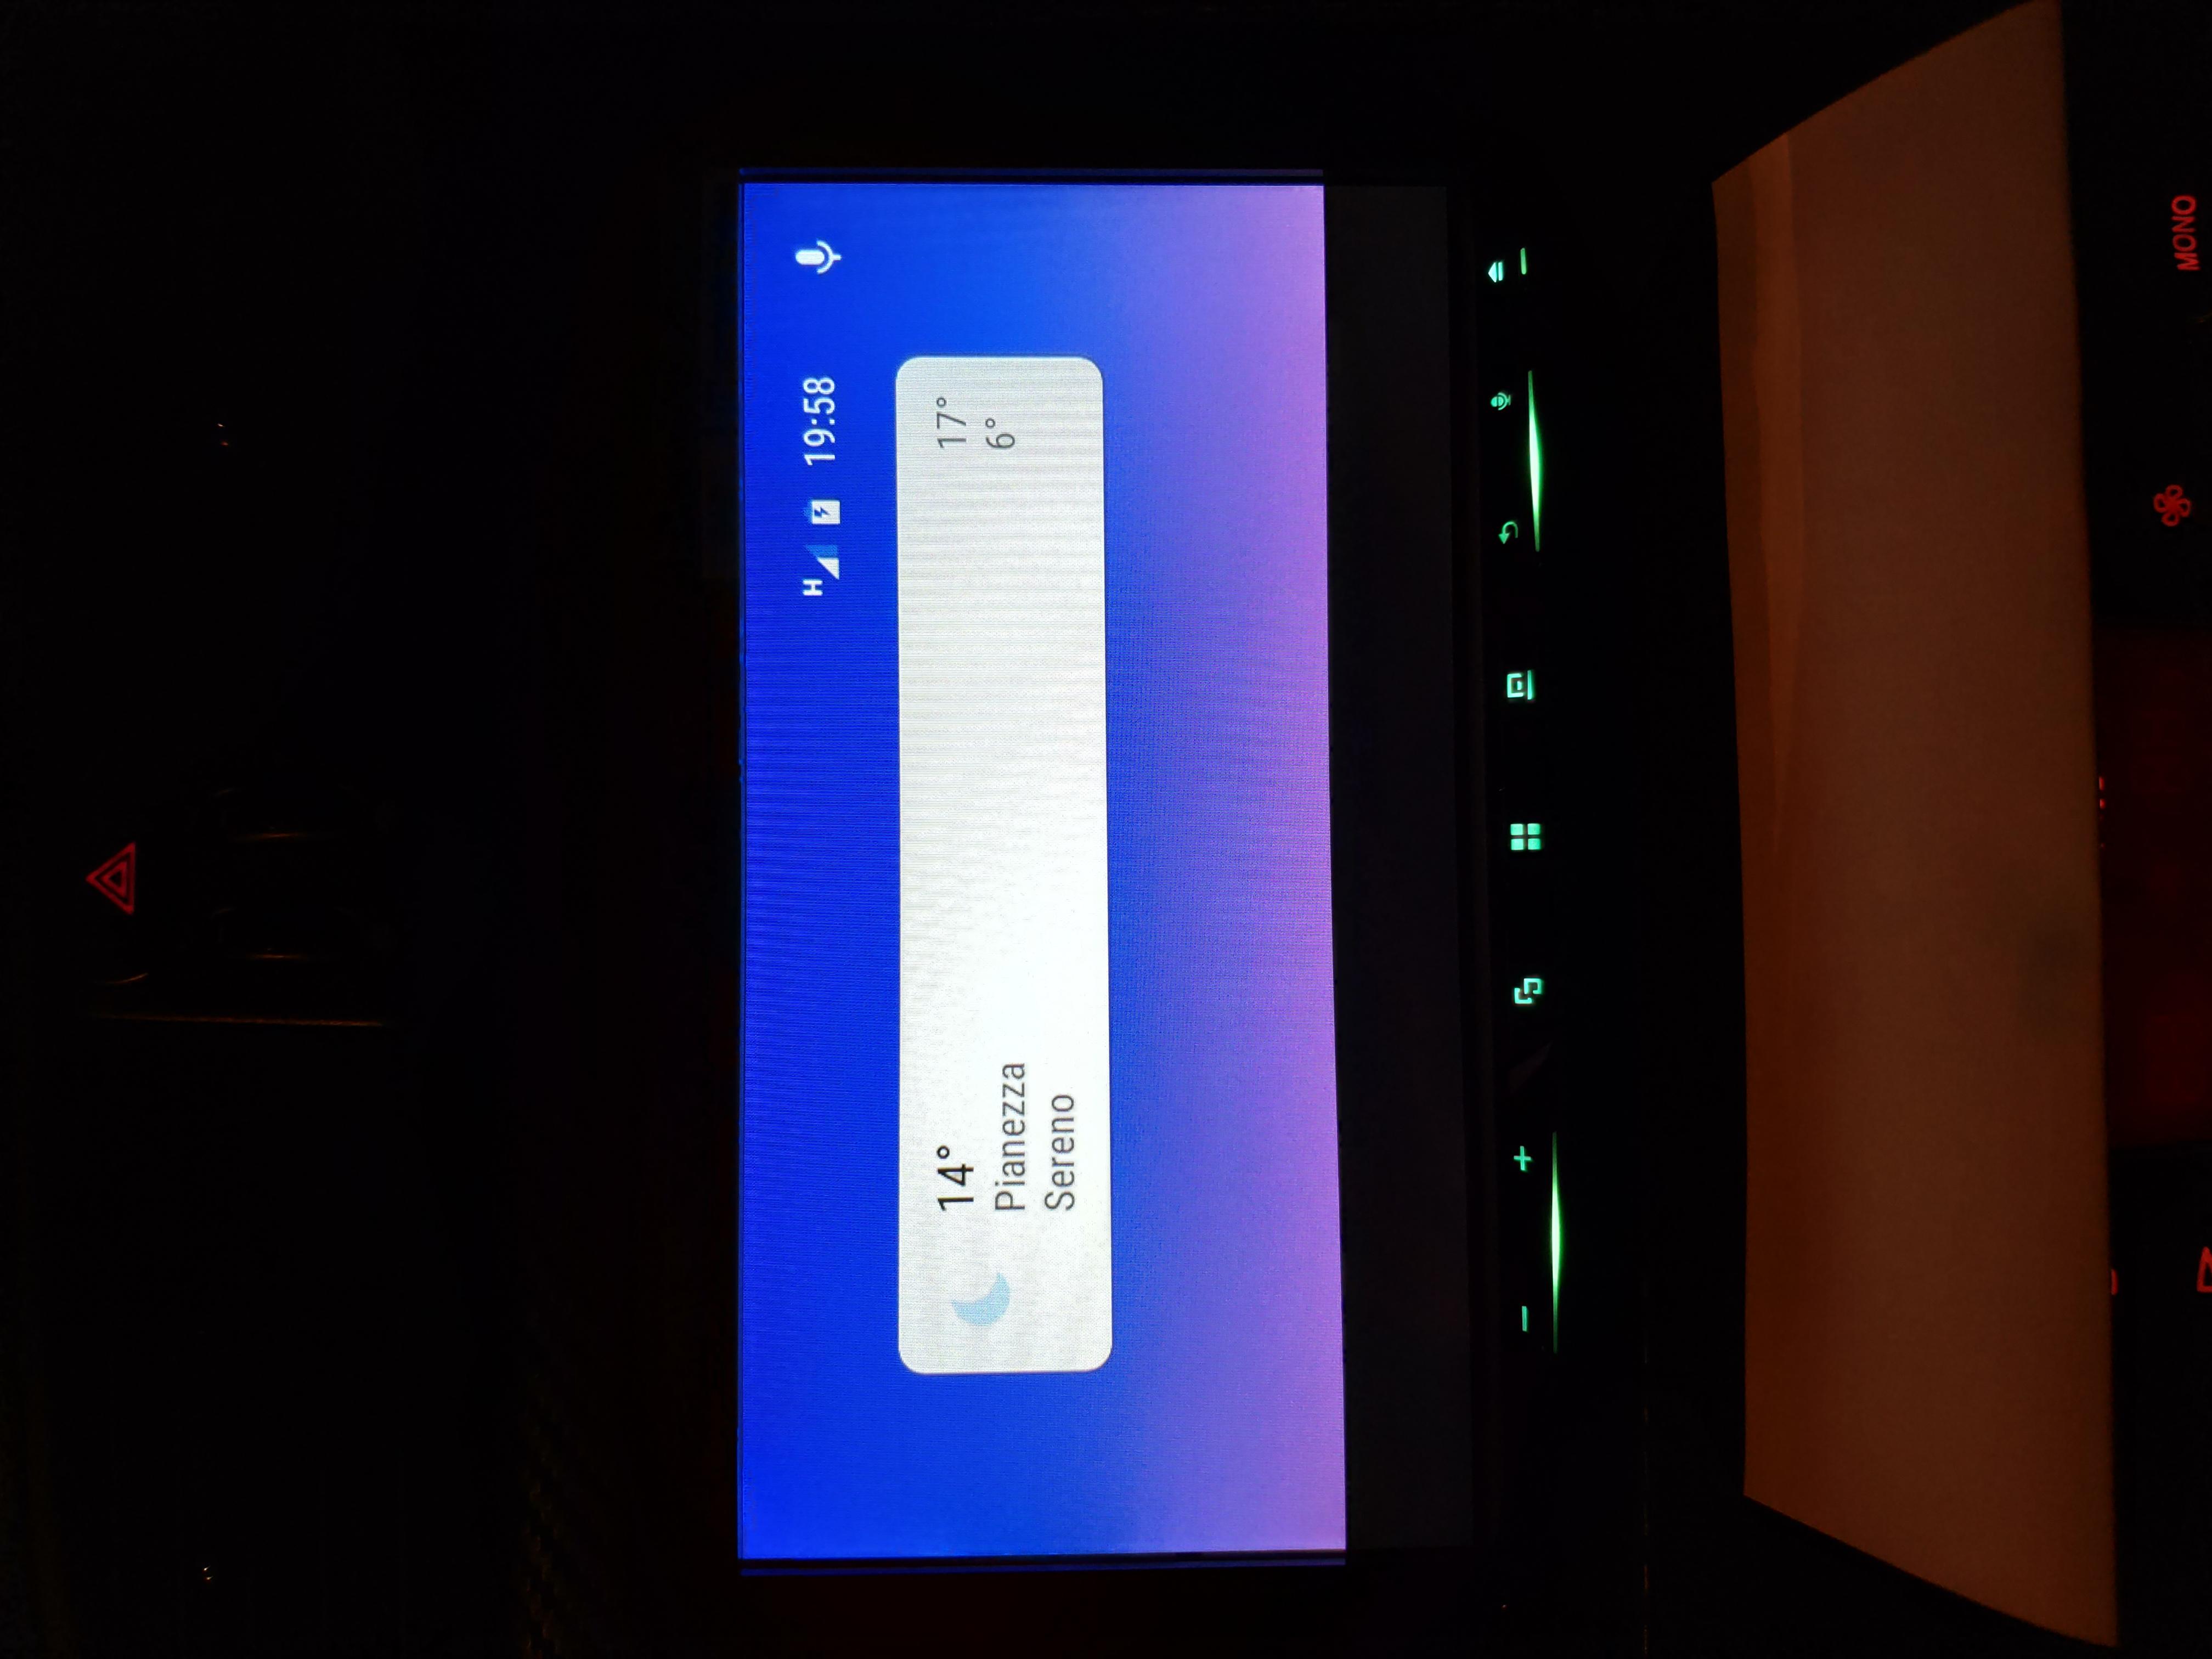 Display problem on Pioneer radio - Android Auto Help